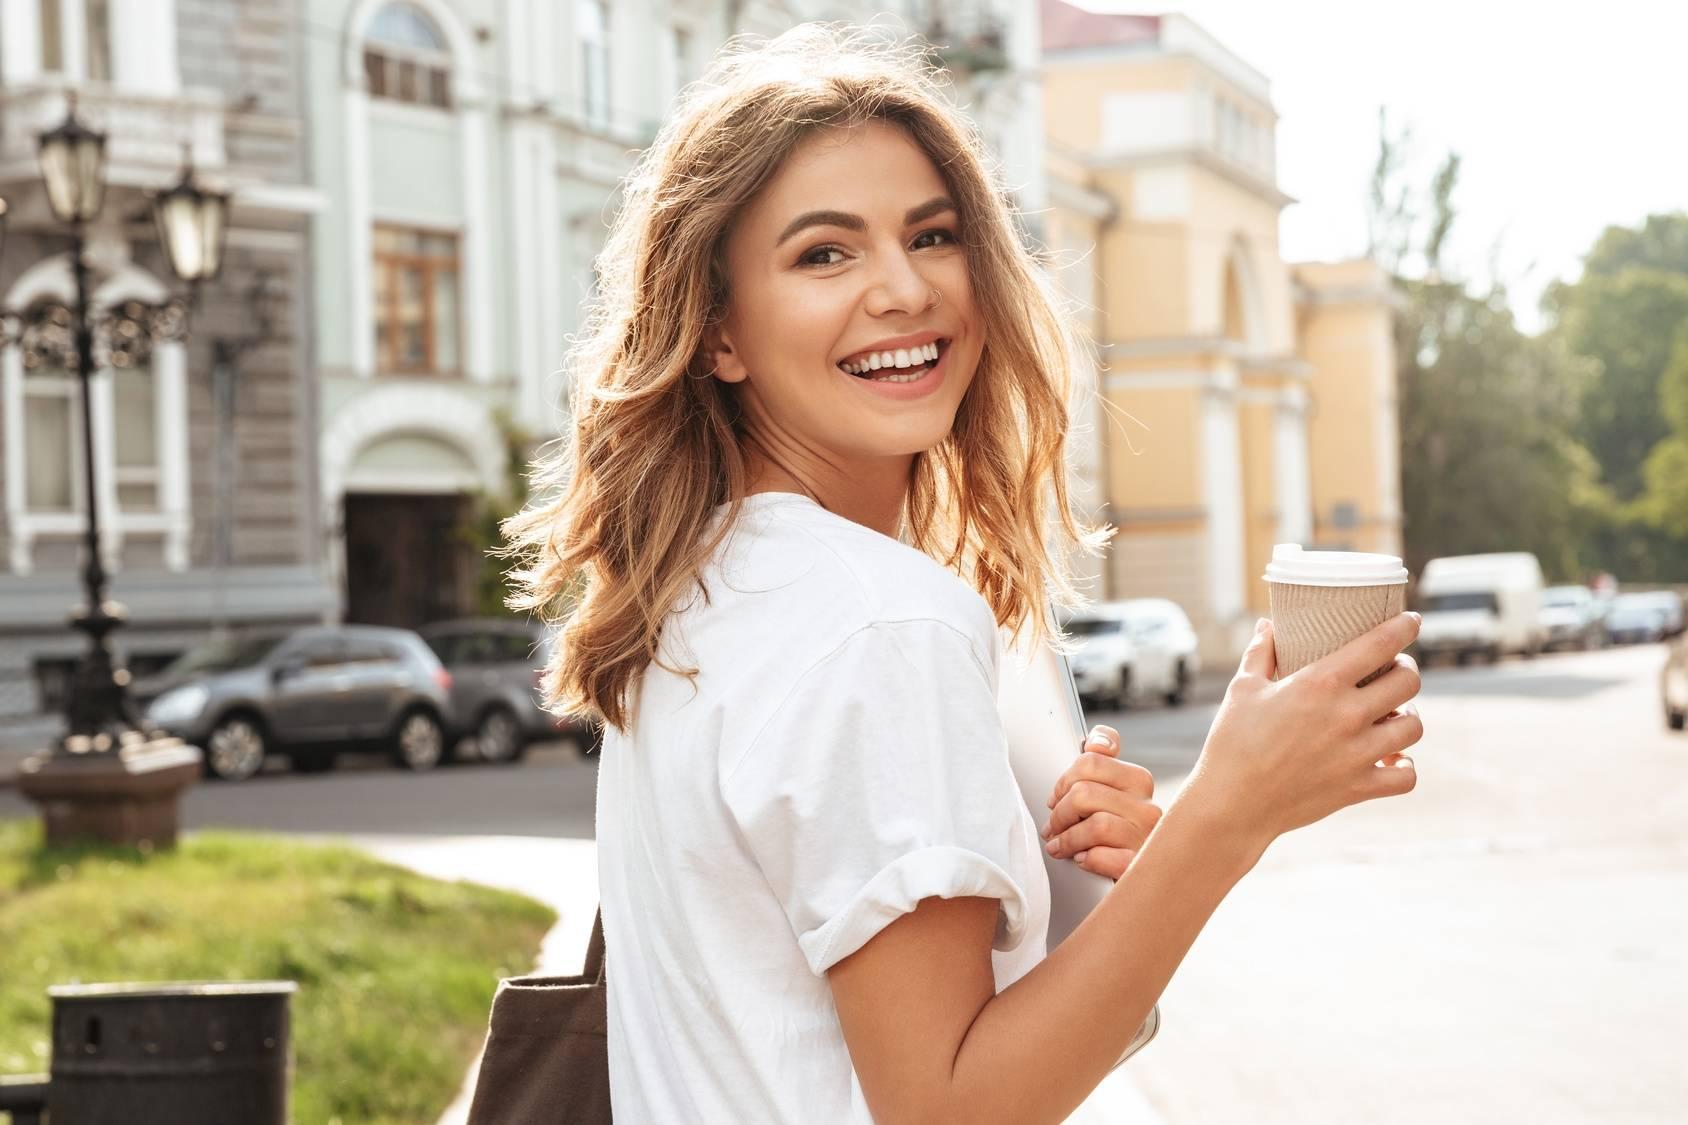 Czy kofeina jest zdrowa czy szkodliwa? Jak często można pić kawę?